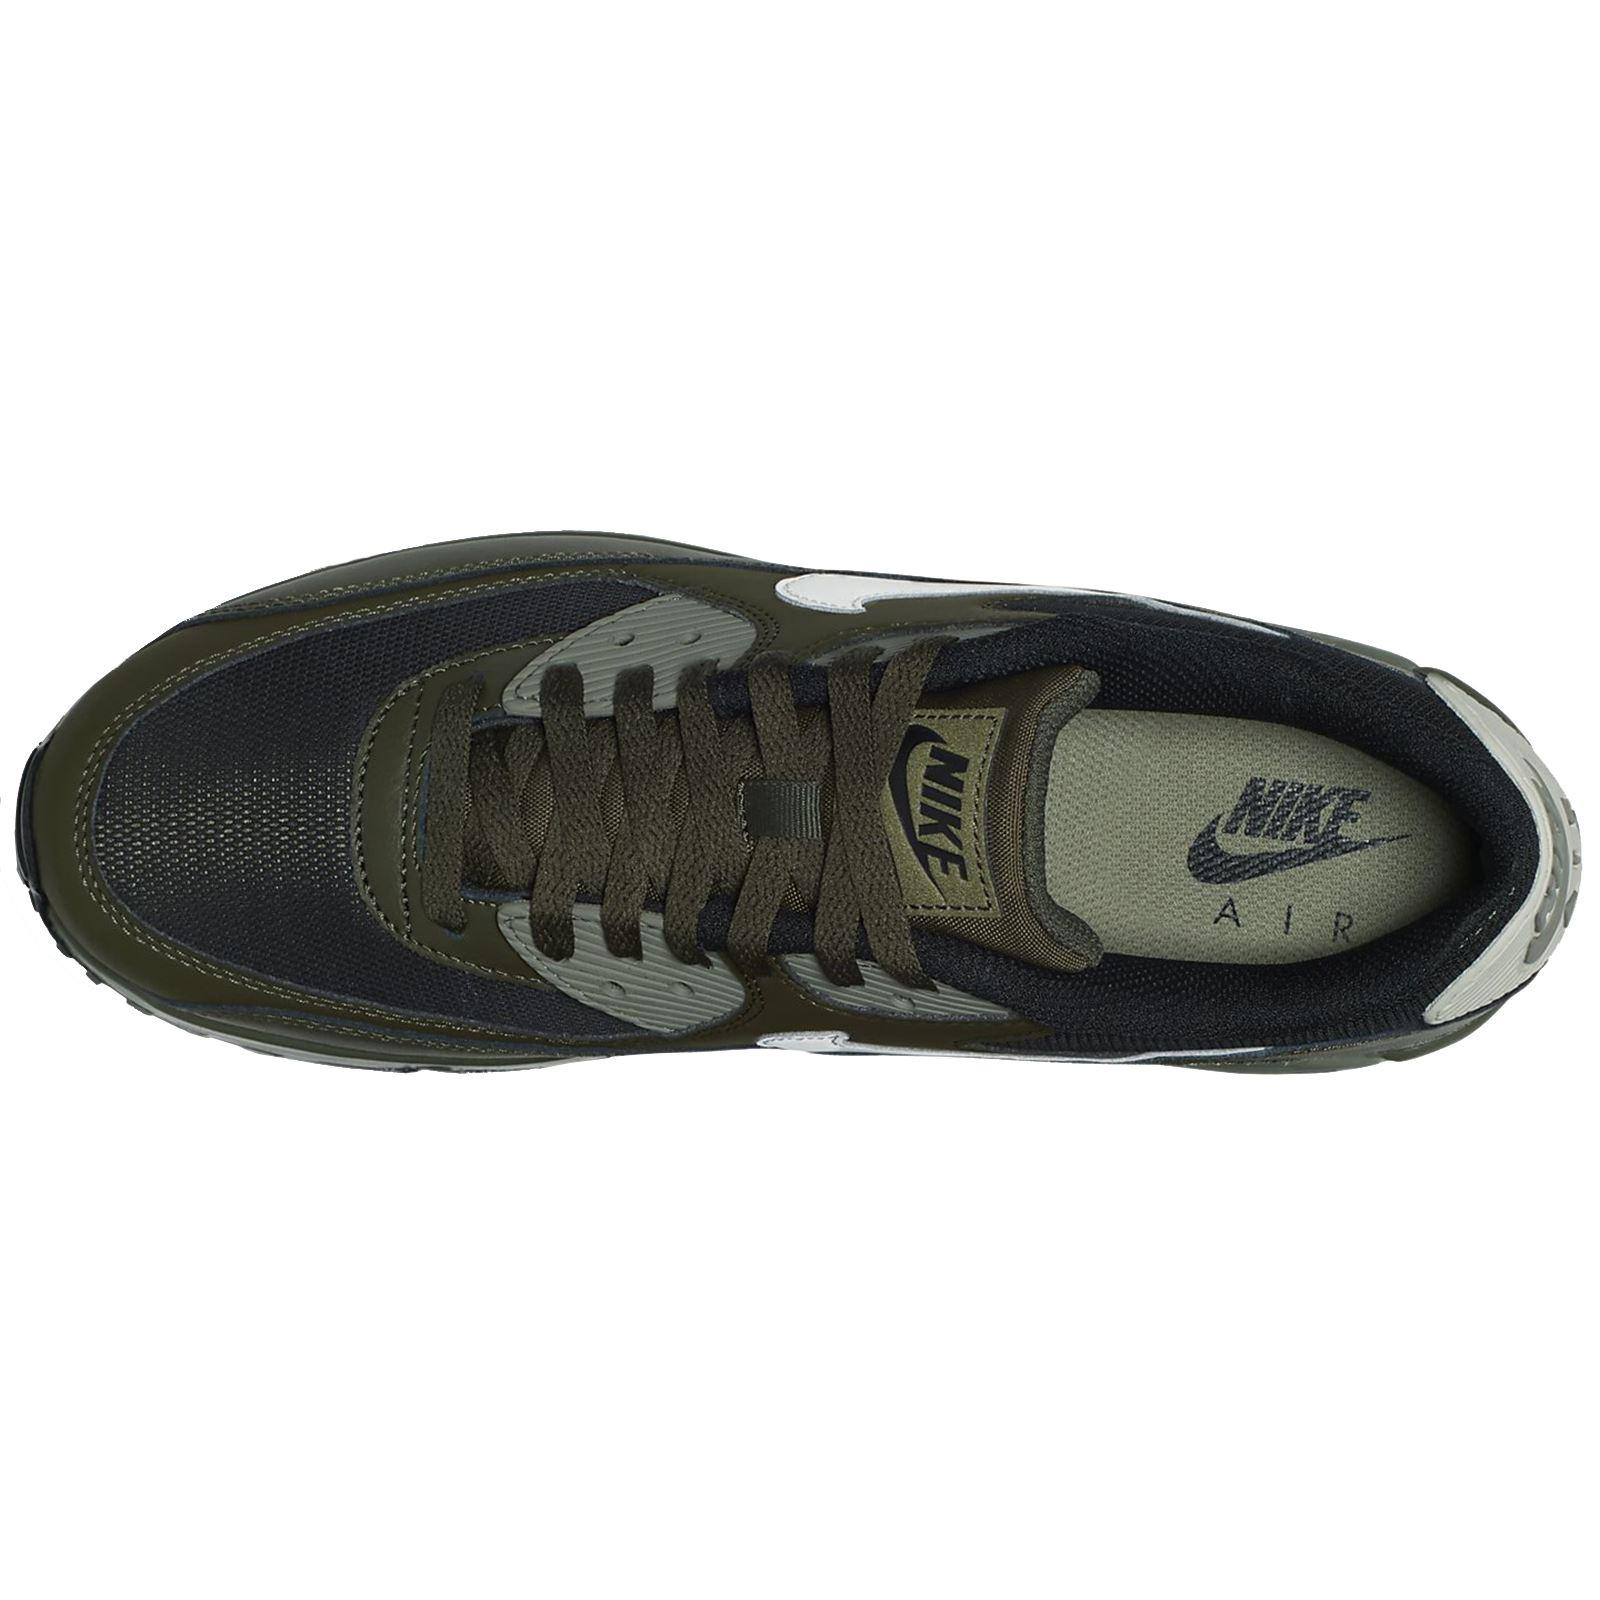 Nike Air Khaki Max 90 Essential Cargo Khaki Air Men Leather Mesh Max Air Sneakers Trainers 50aae8